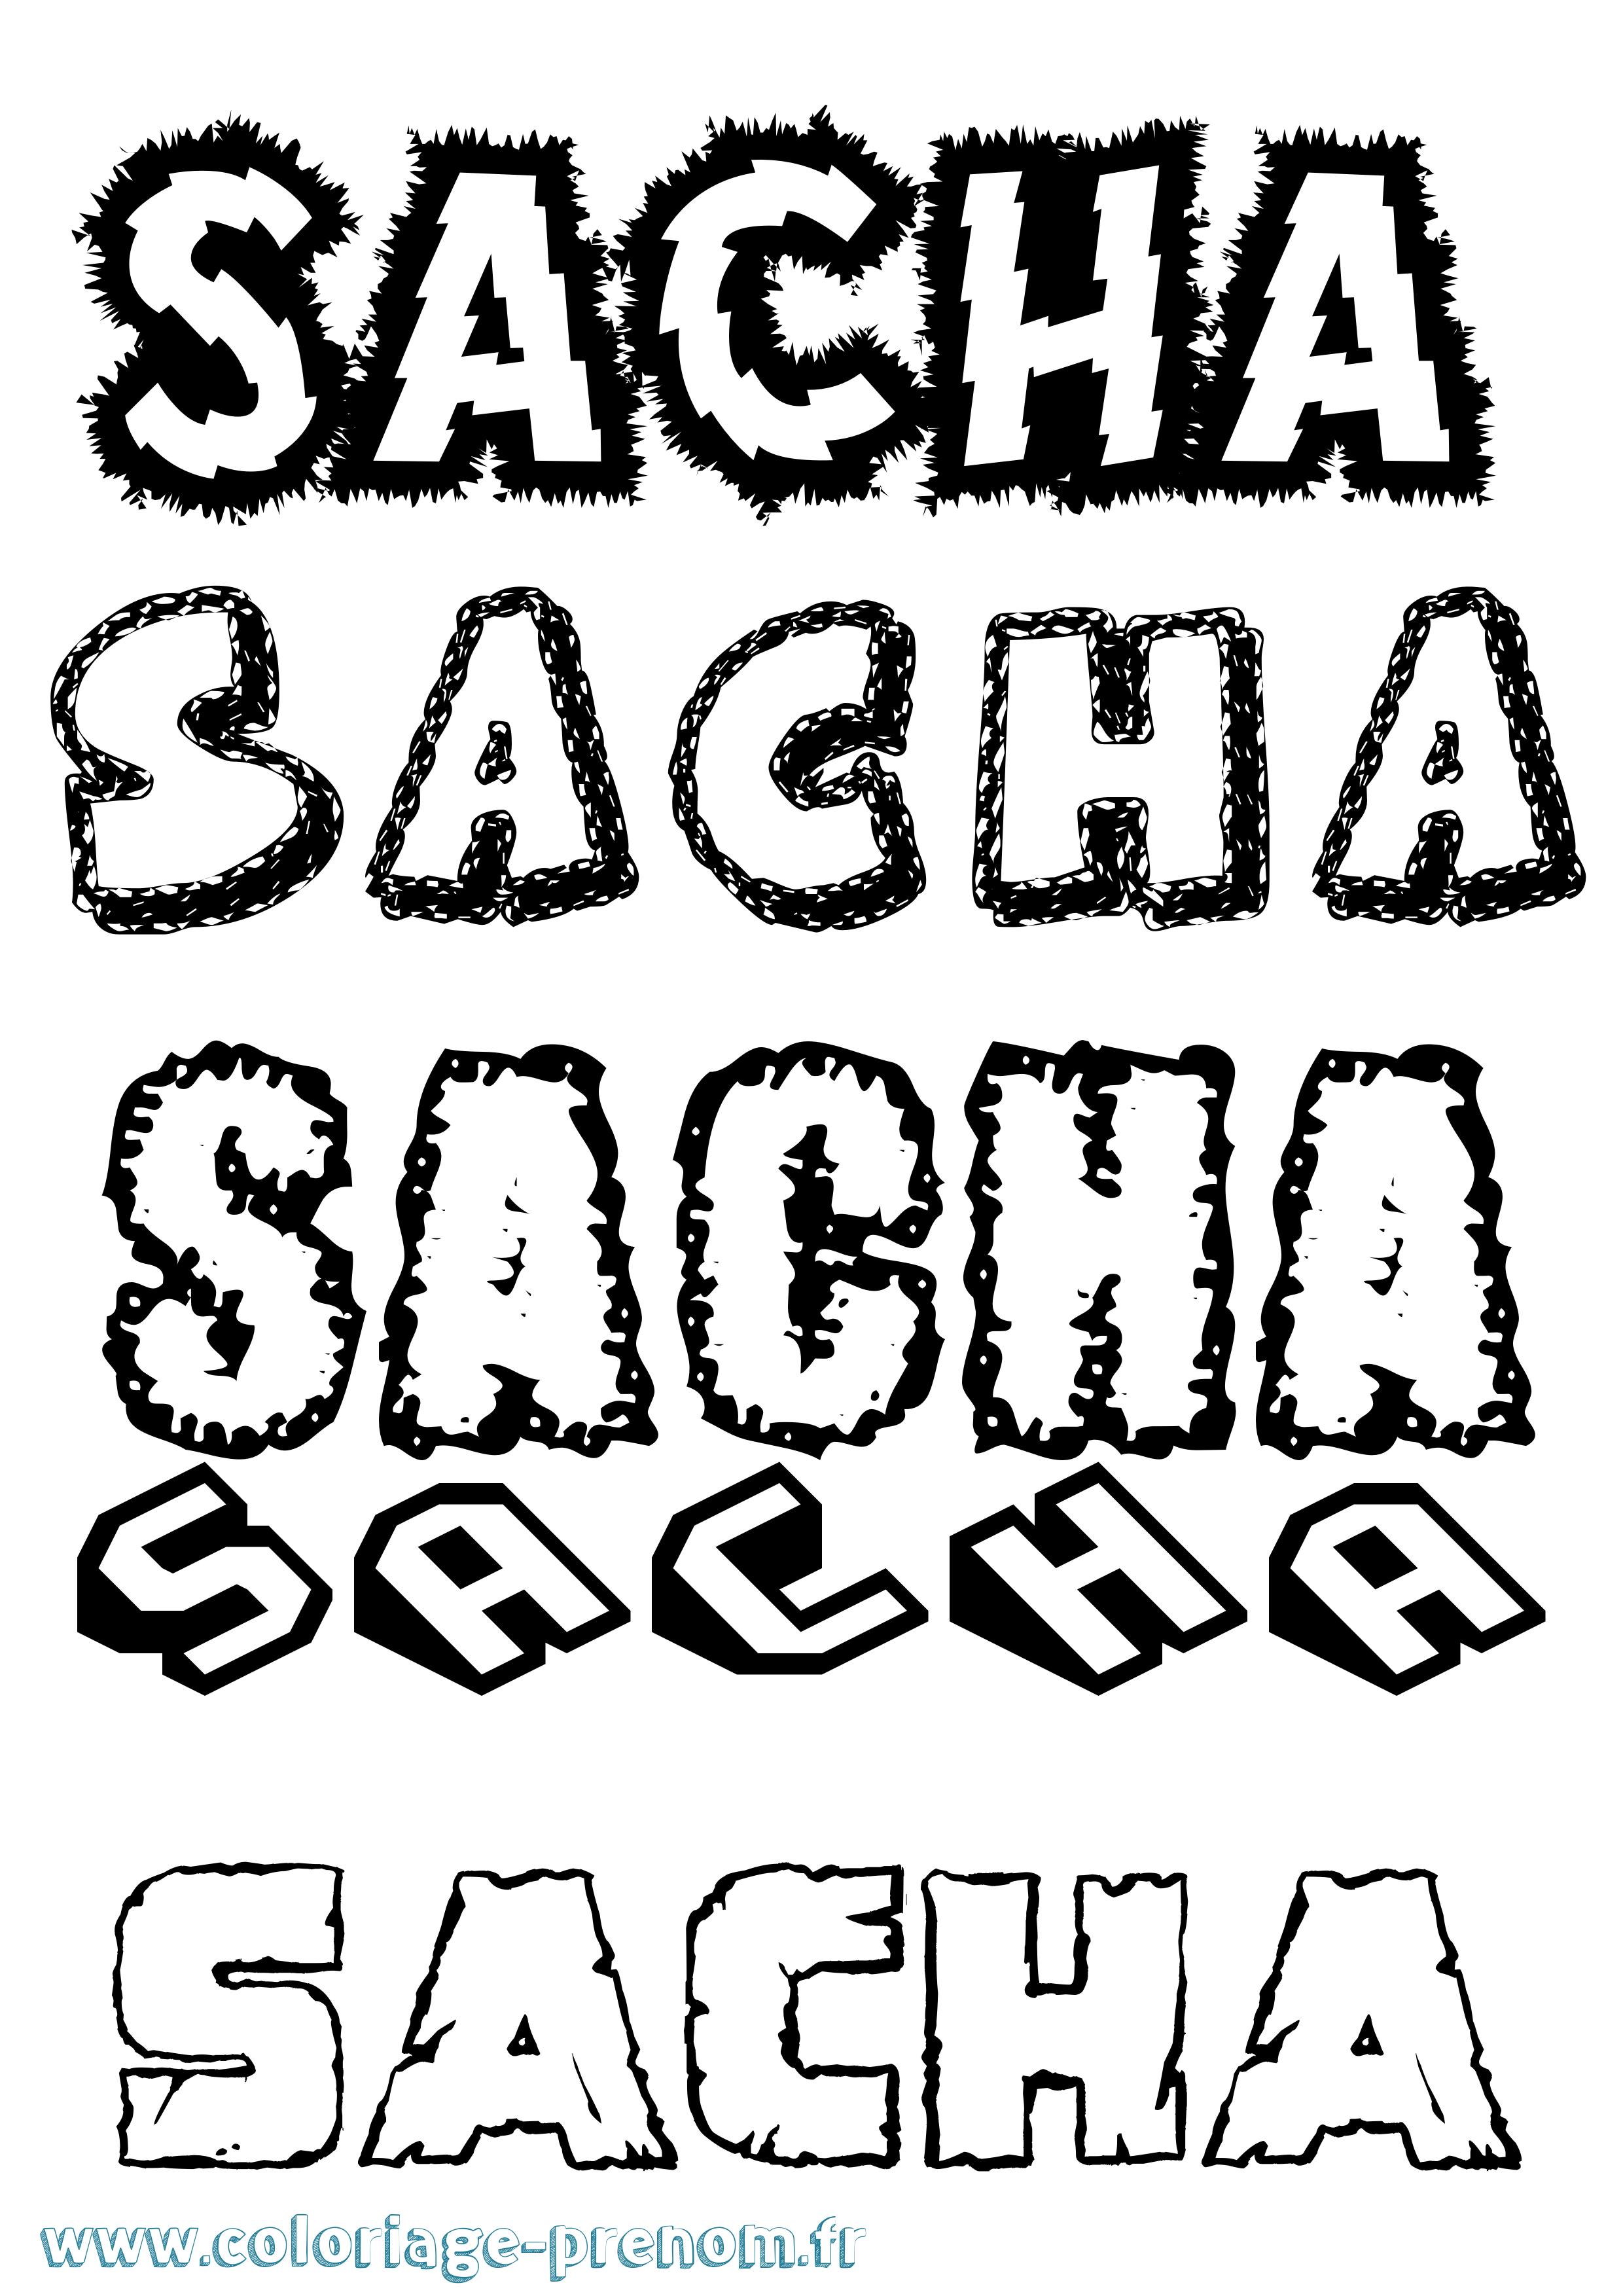 Coloriage du prénom Sacha : à Imprimer ou Télécharger ...